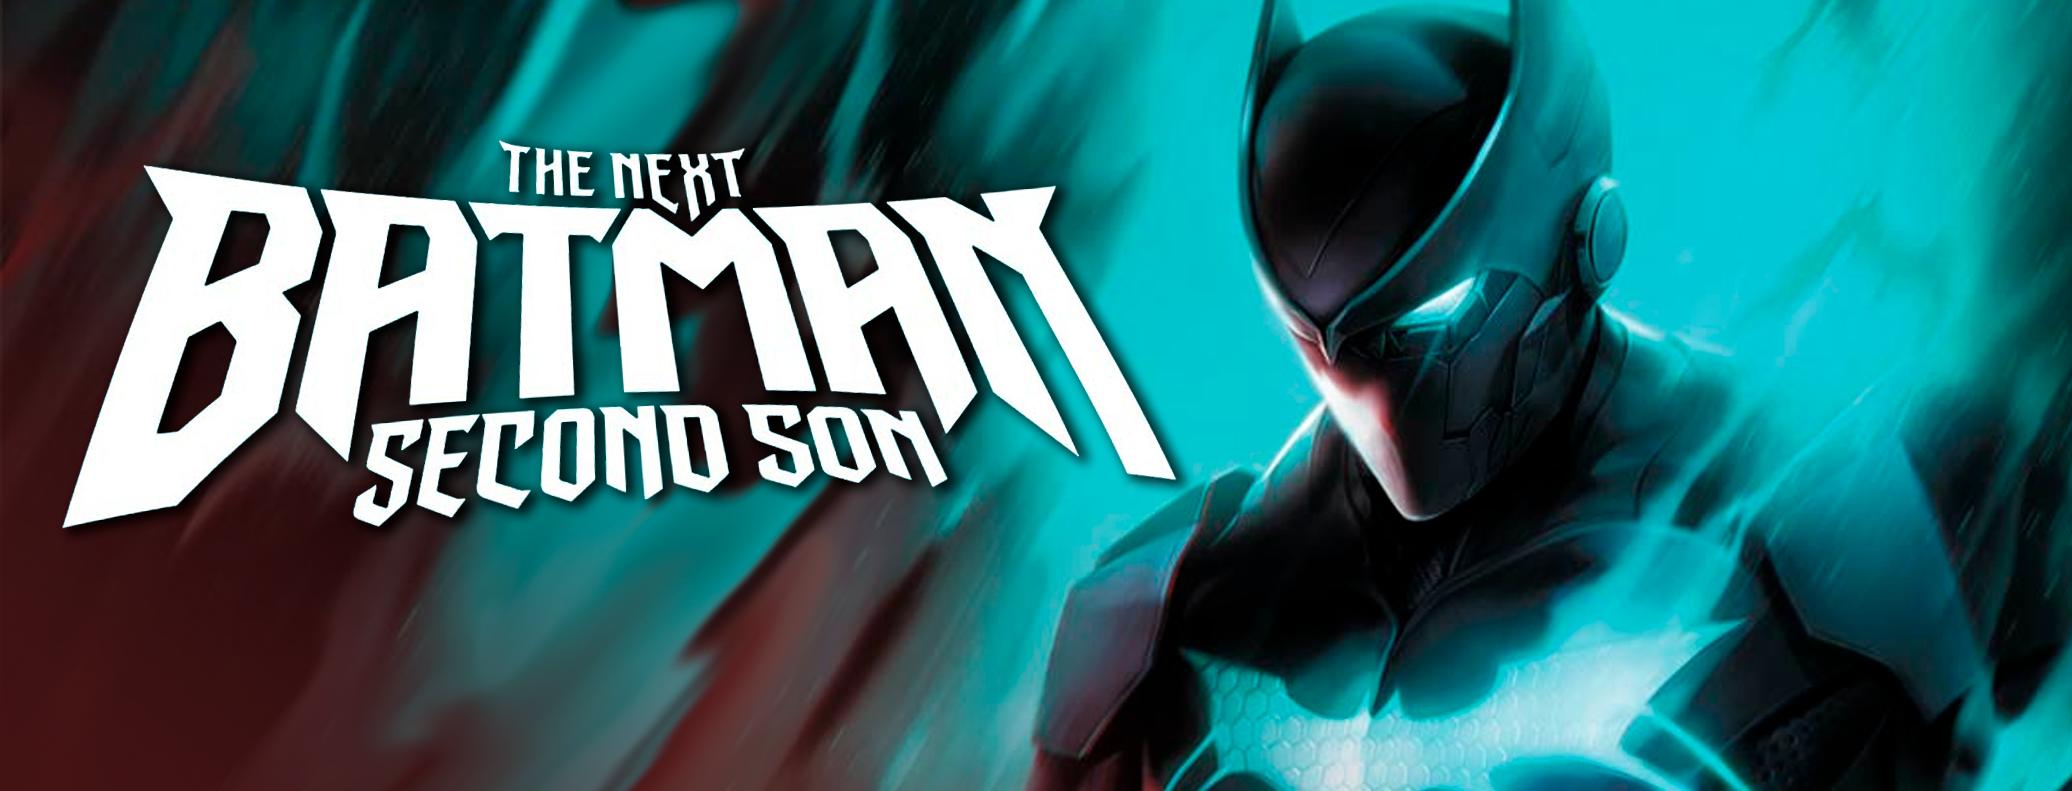 NEXT BATMAN SECOND SON.png